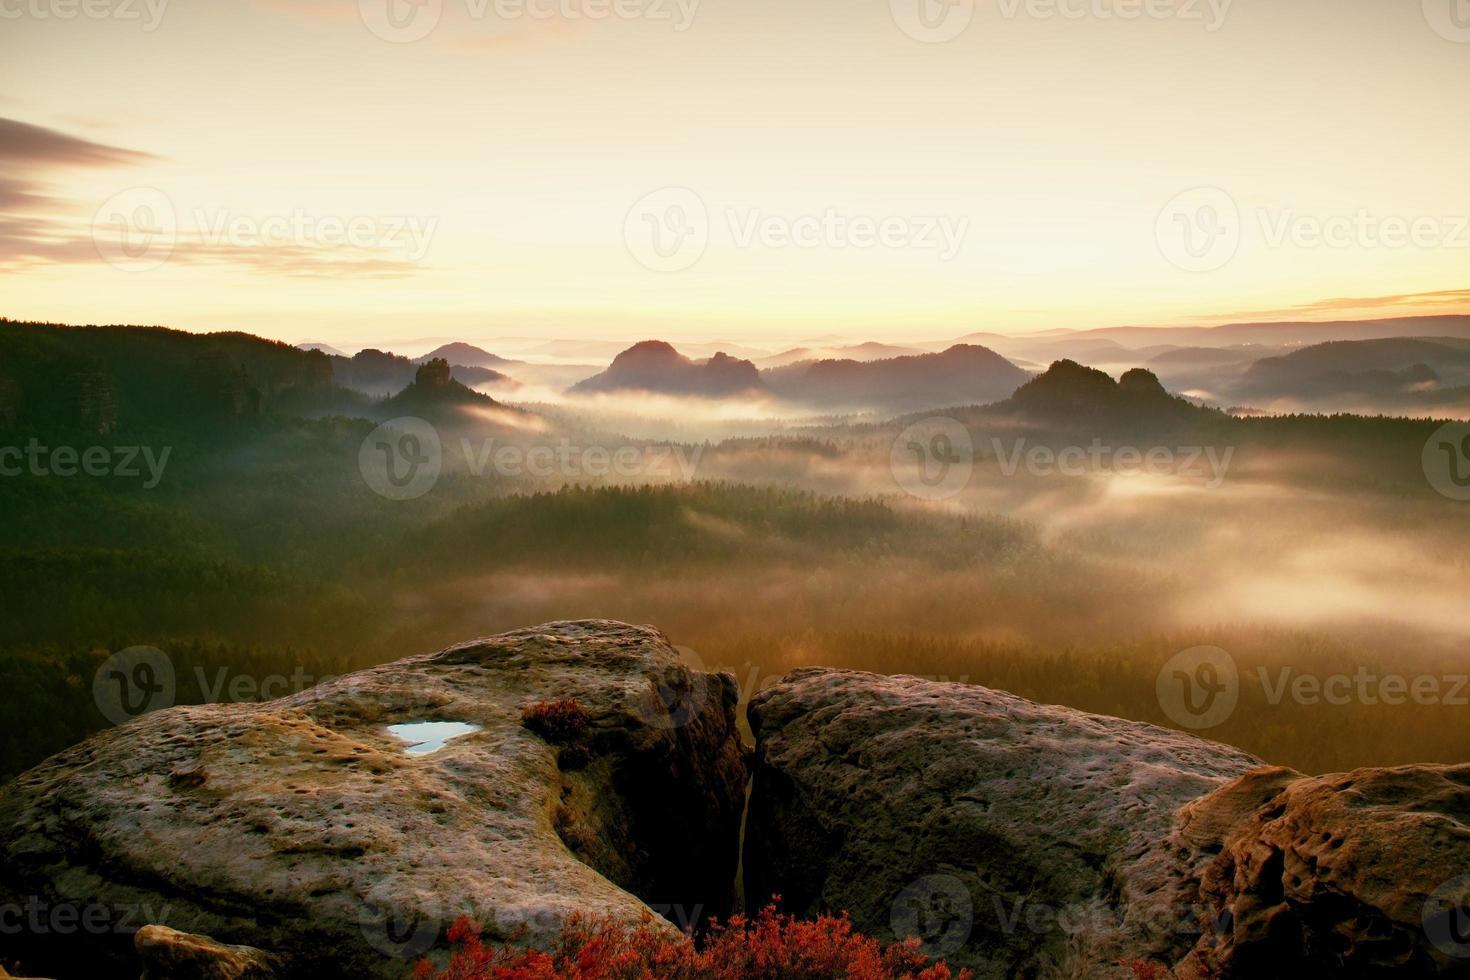 vista di kleiner winterberg. fantastica alba da sogno nelle montagne rocciose foto